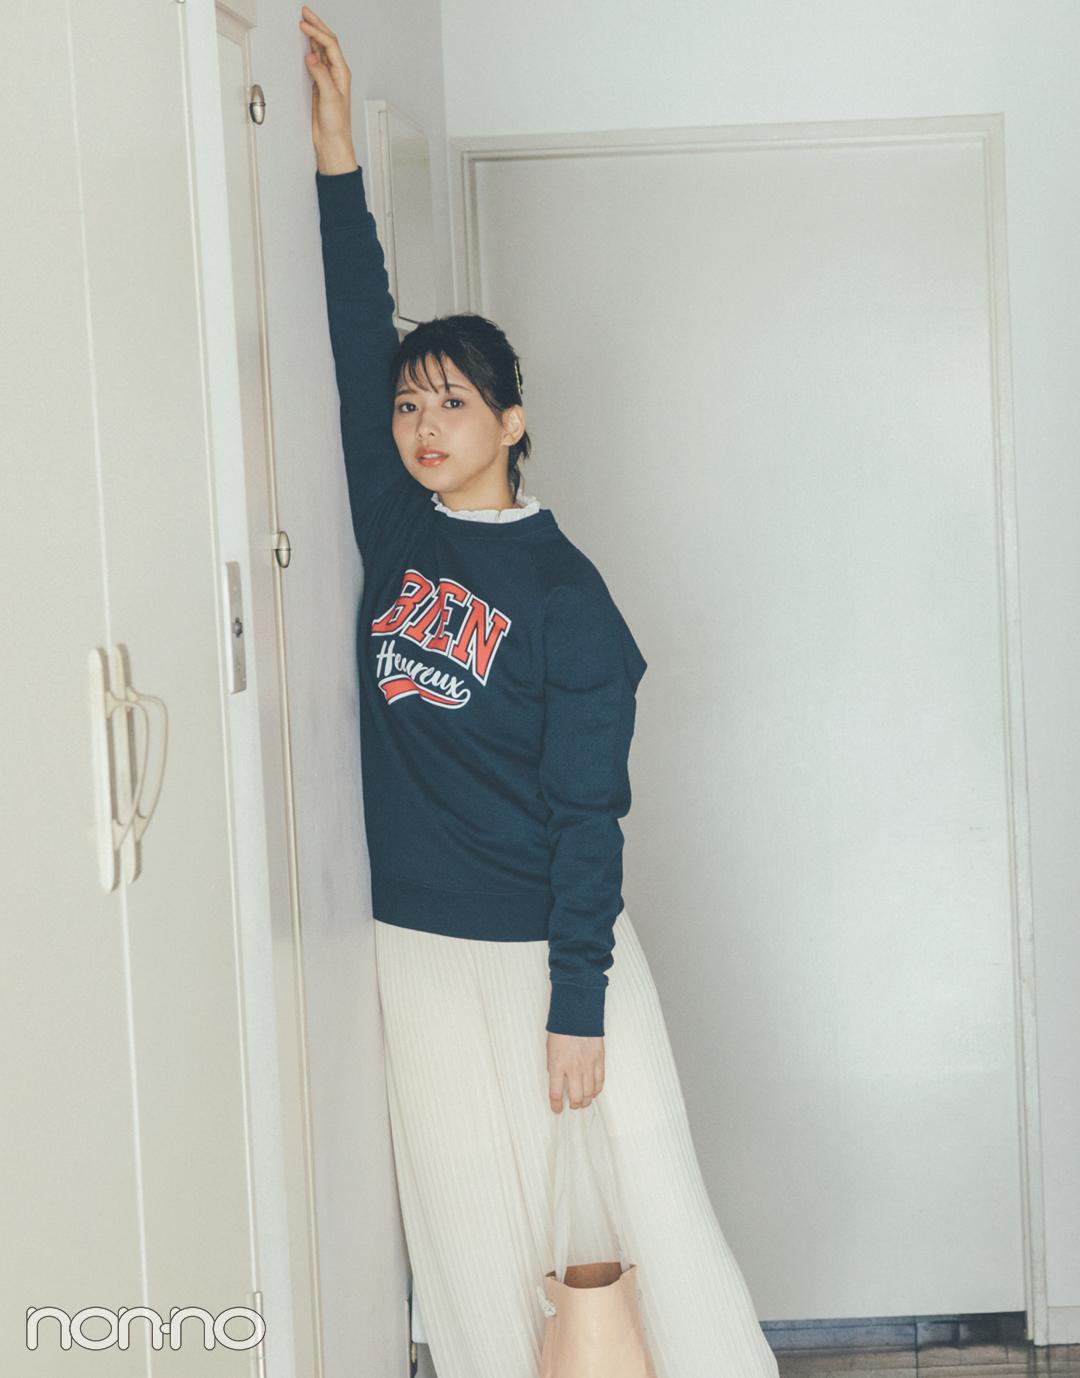 渡邉理佐の「ちょこっと赤」コーデ3選♡ 春の始まりにぴったり!_1_3-2